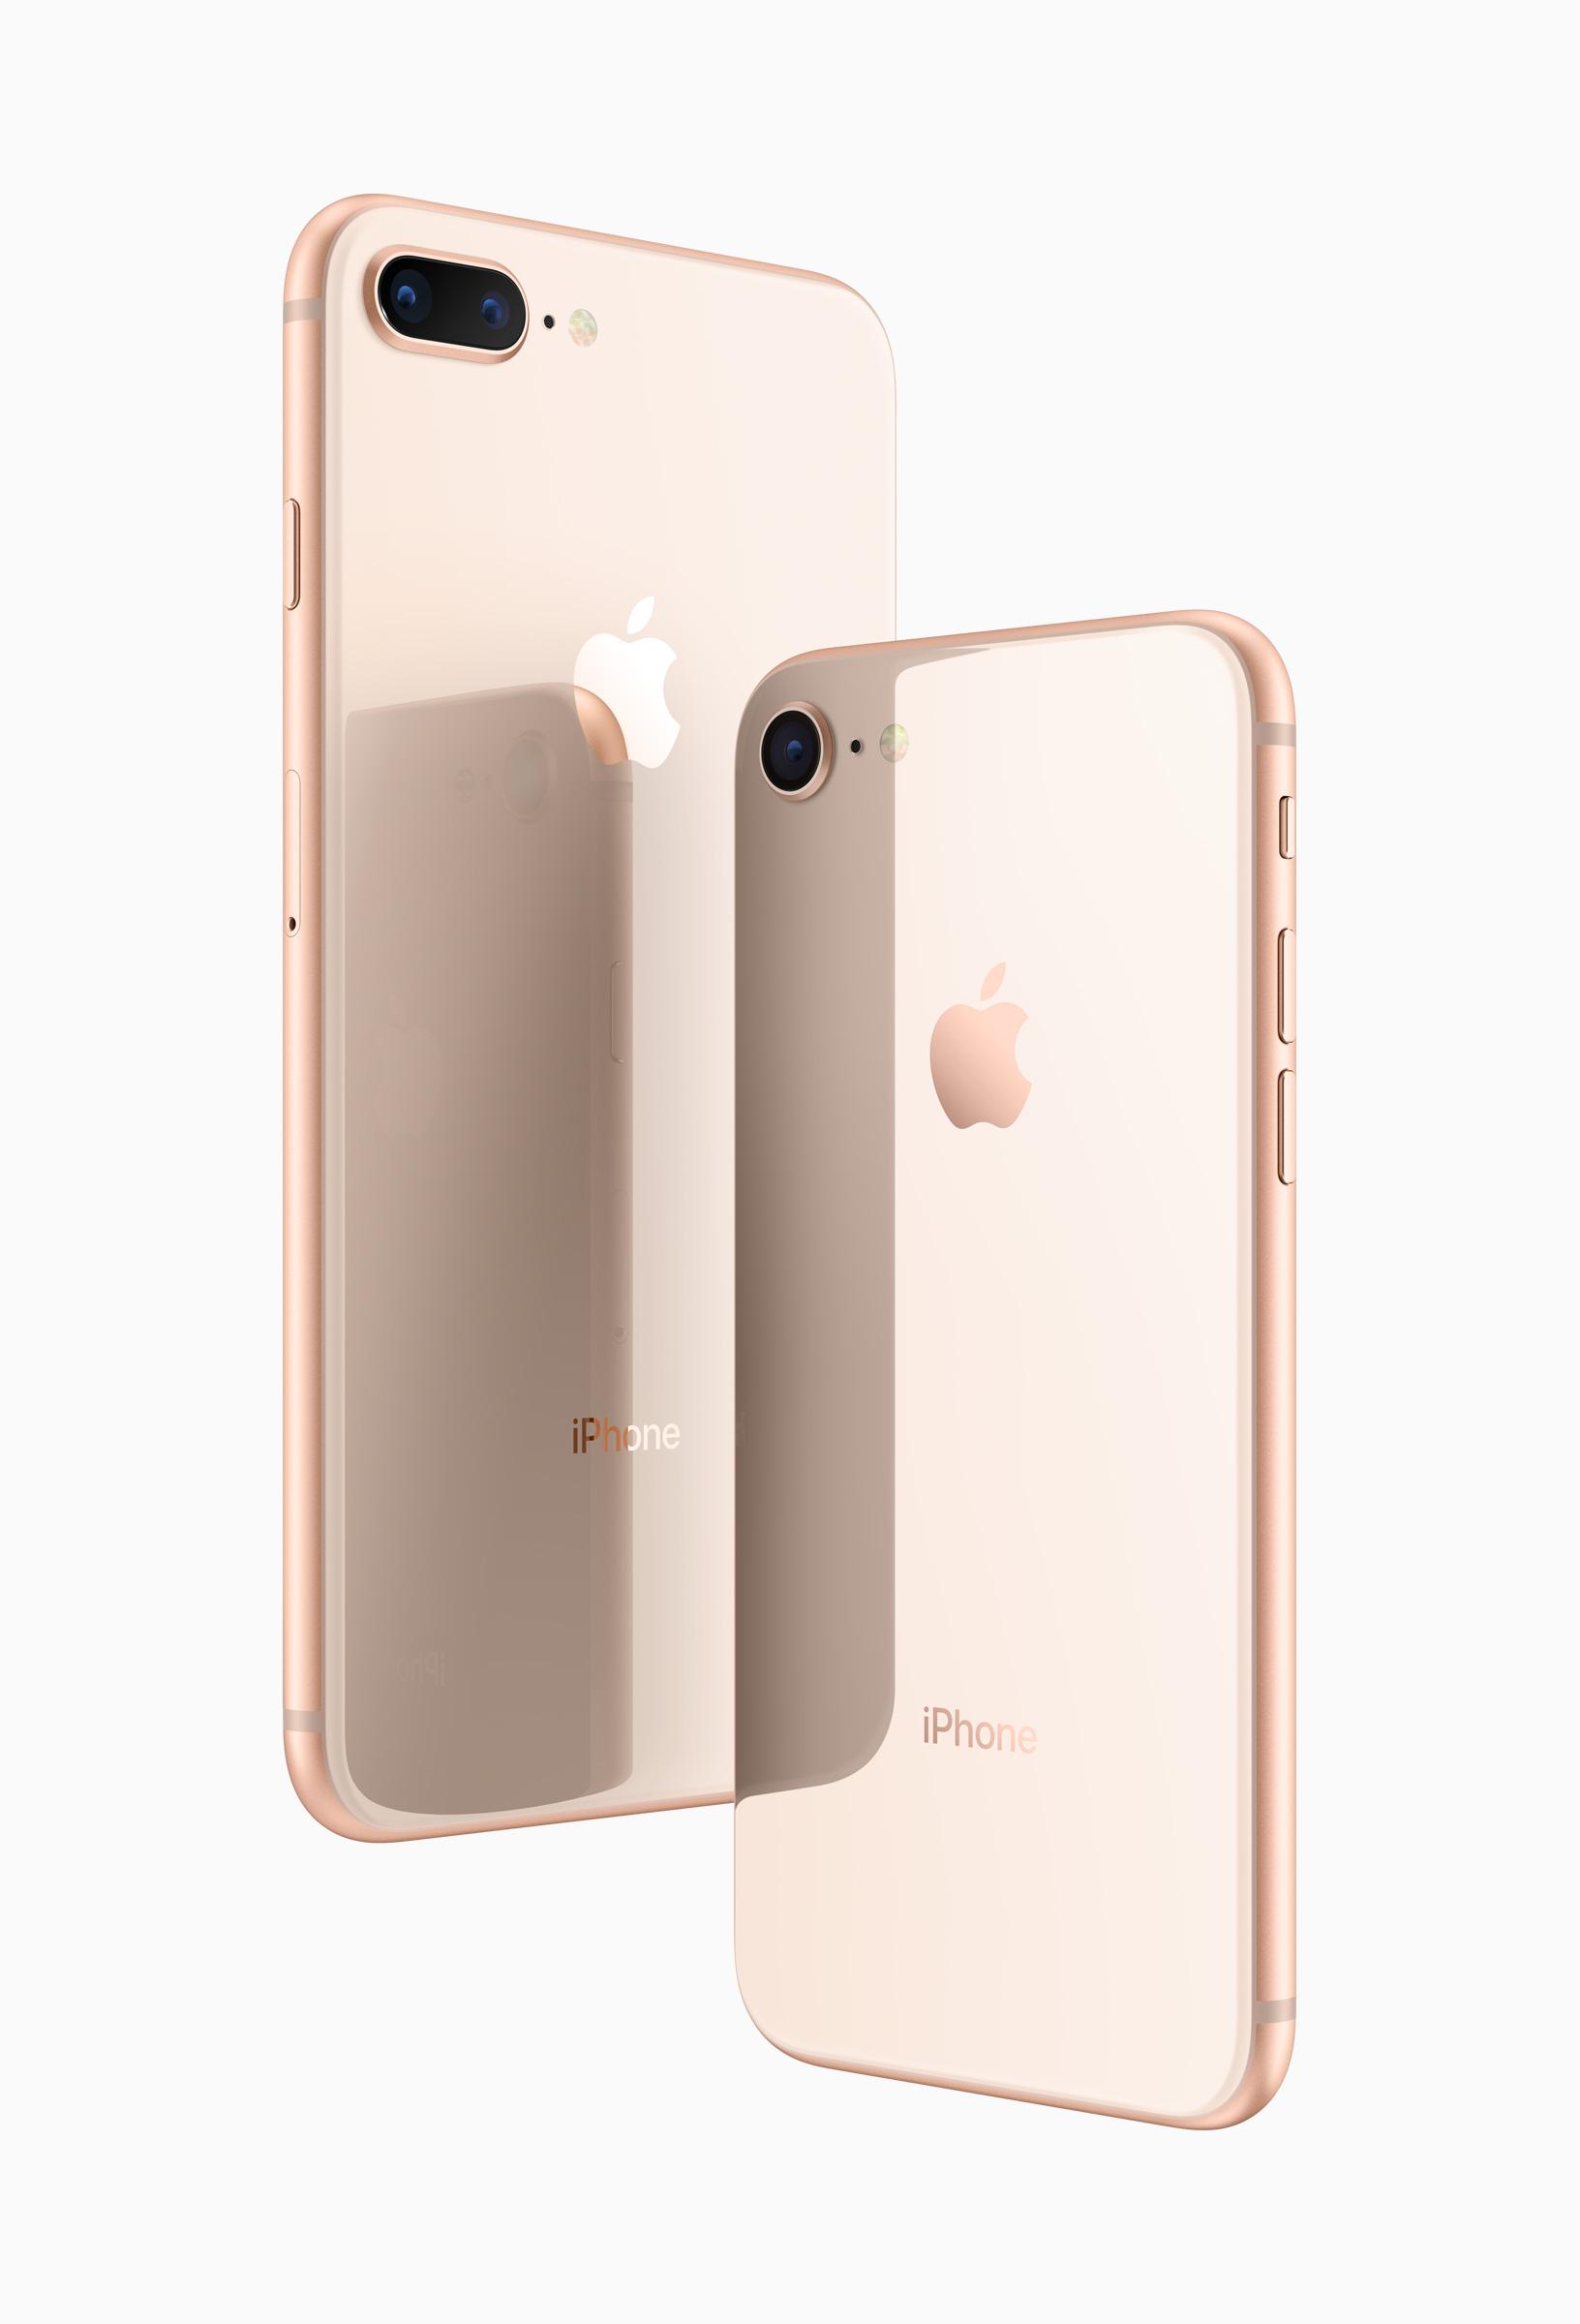 Apple Iphone 8 Plus Notebookcheck Net External Reviews